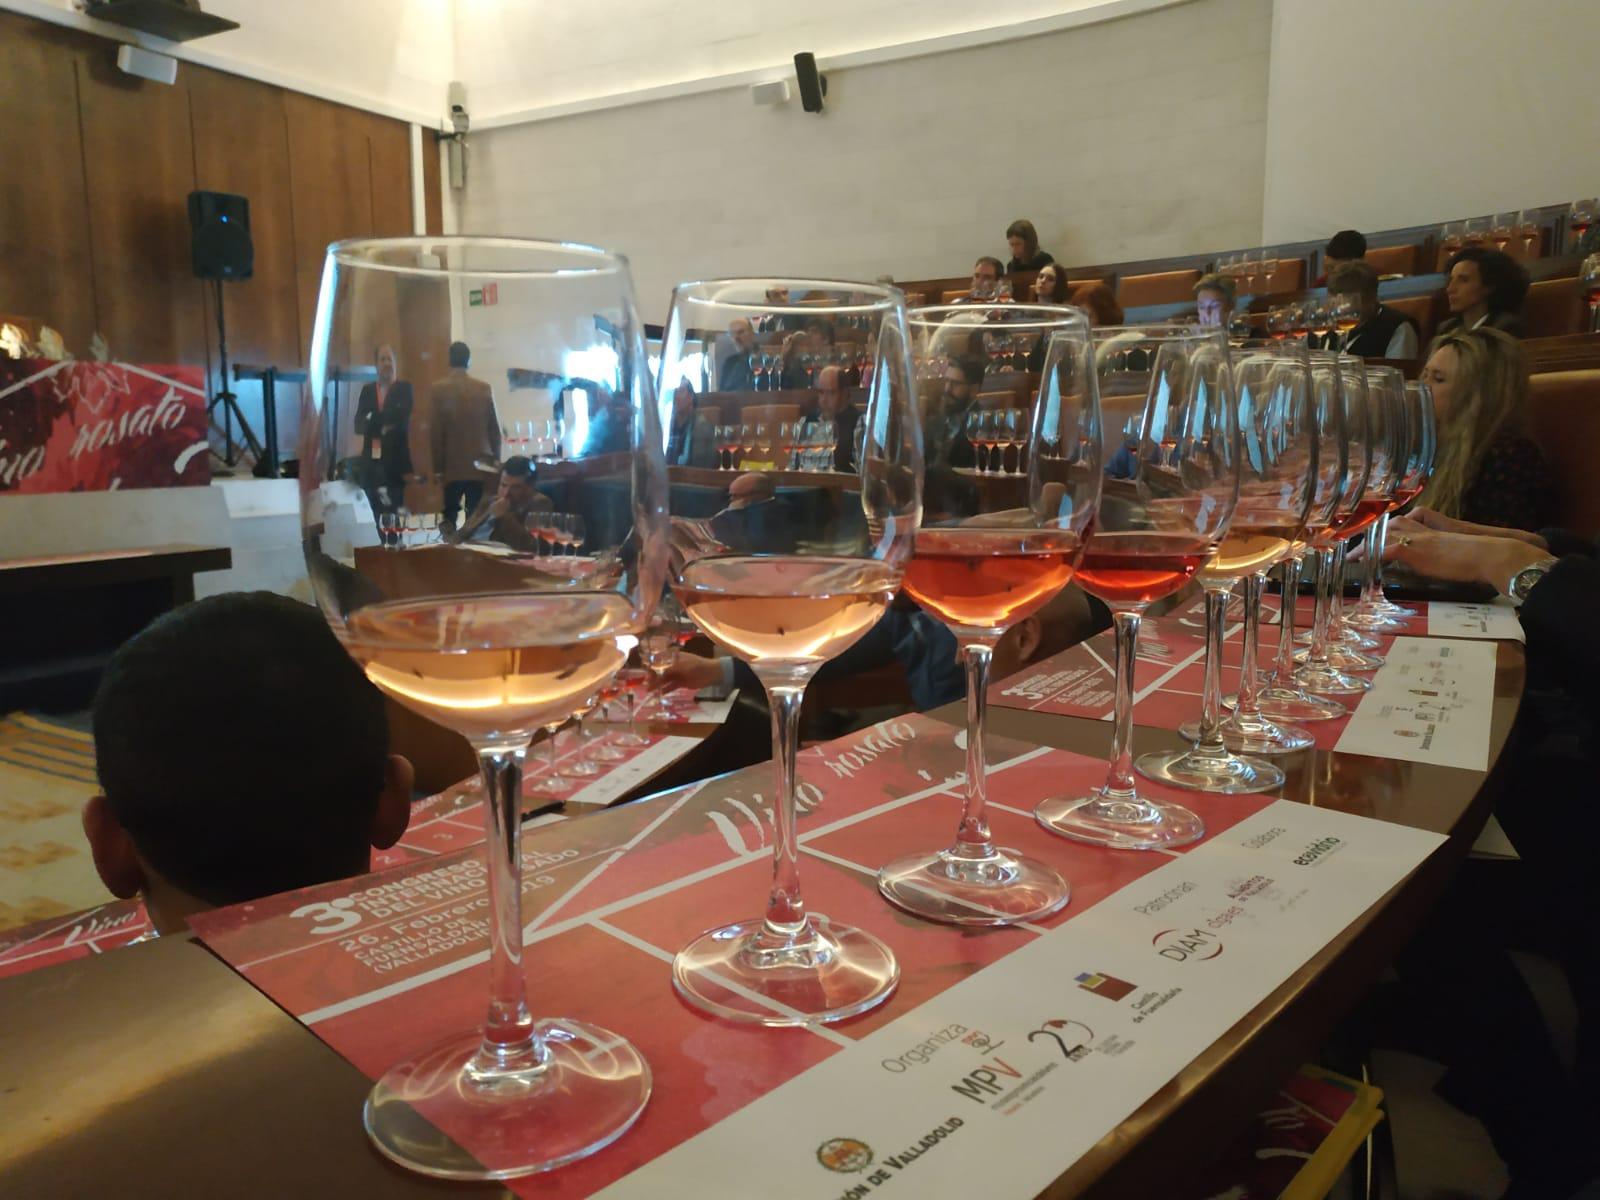 El Concurso Mundial de Bruselas viaja a la DO Cigales para la entrega de las revelaciones internacionales españolas, los premios más importantes de Castilla y León y de Cigales